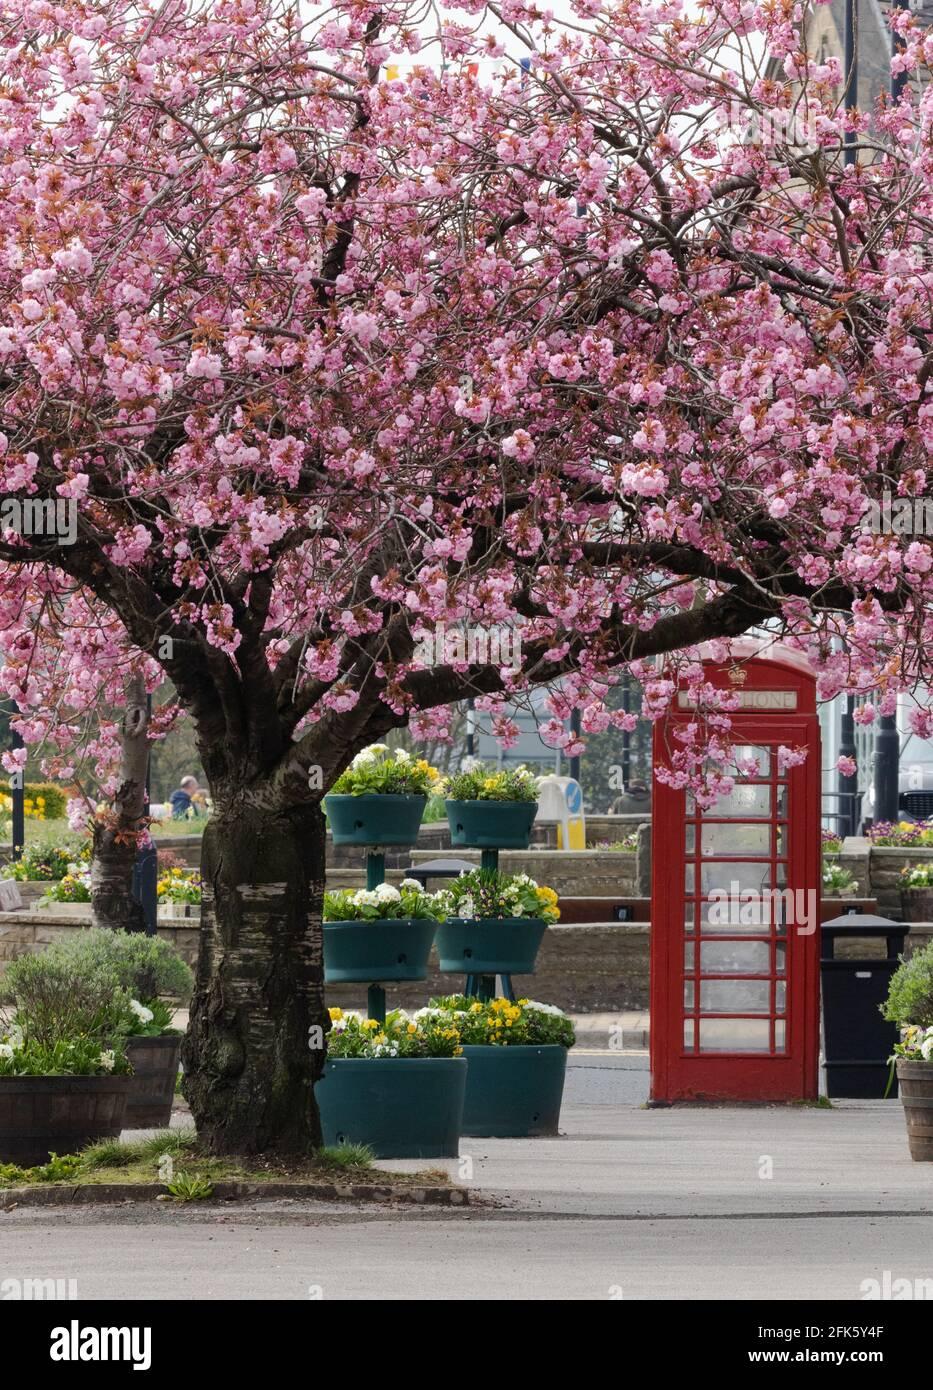 Frühlingskirschbaum blüht neben einer roten Telefondose in Baildon, Yorkshire, England. Stockfoto